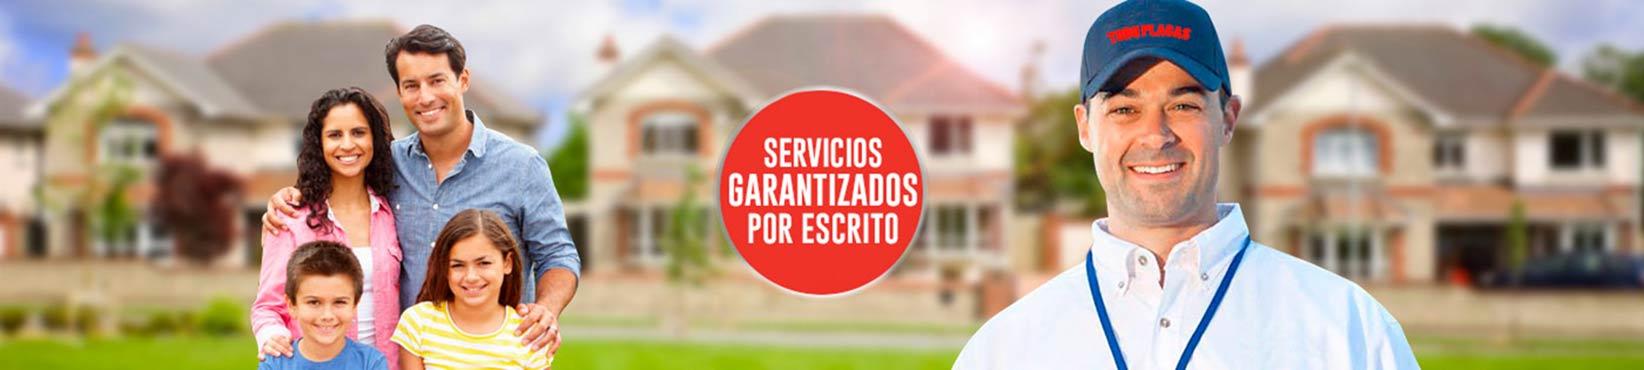 Servicios Garantizados